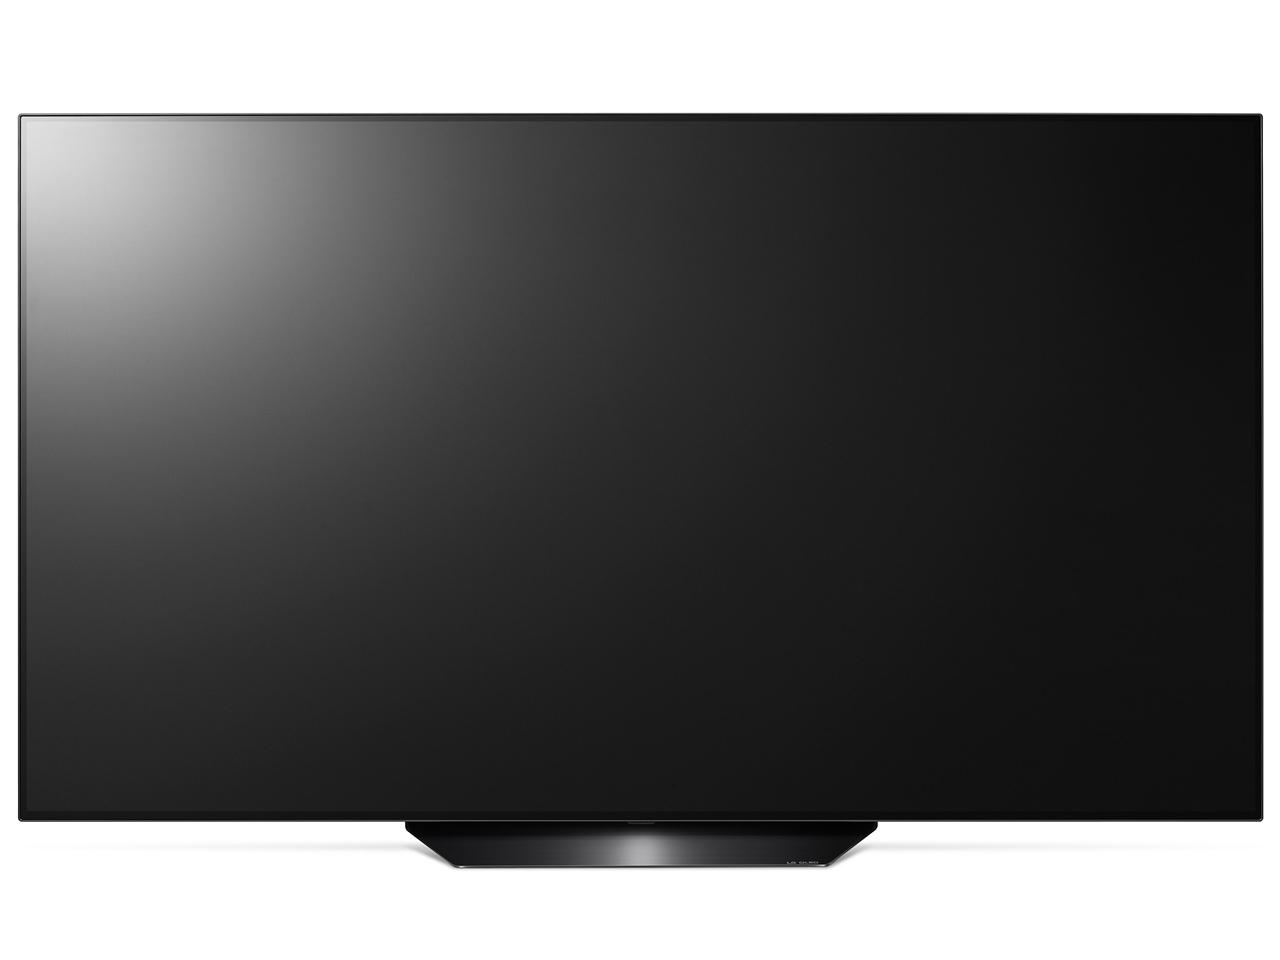 LGの55型有機ELテレビ